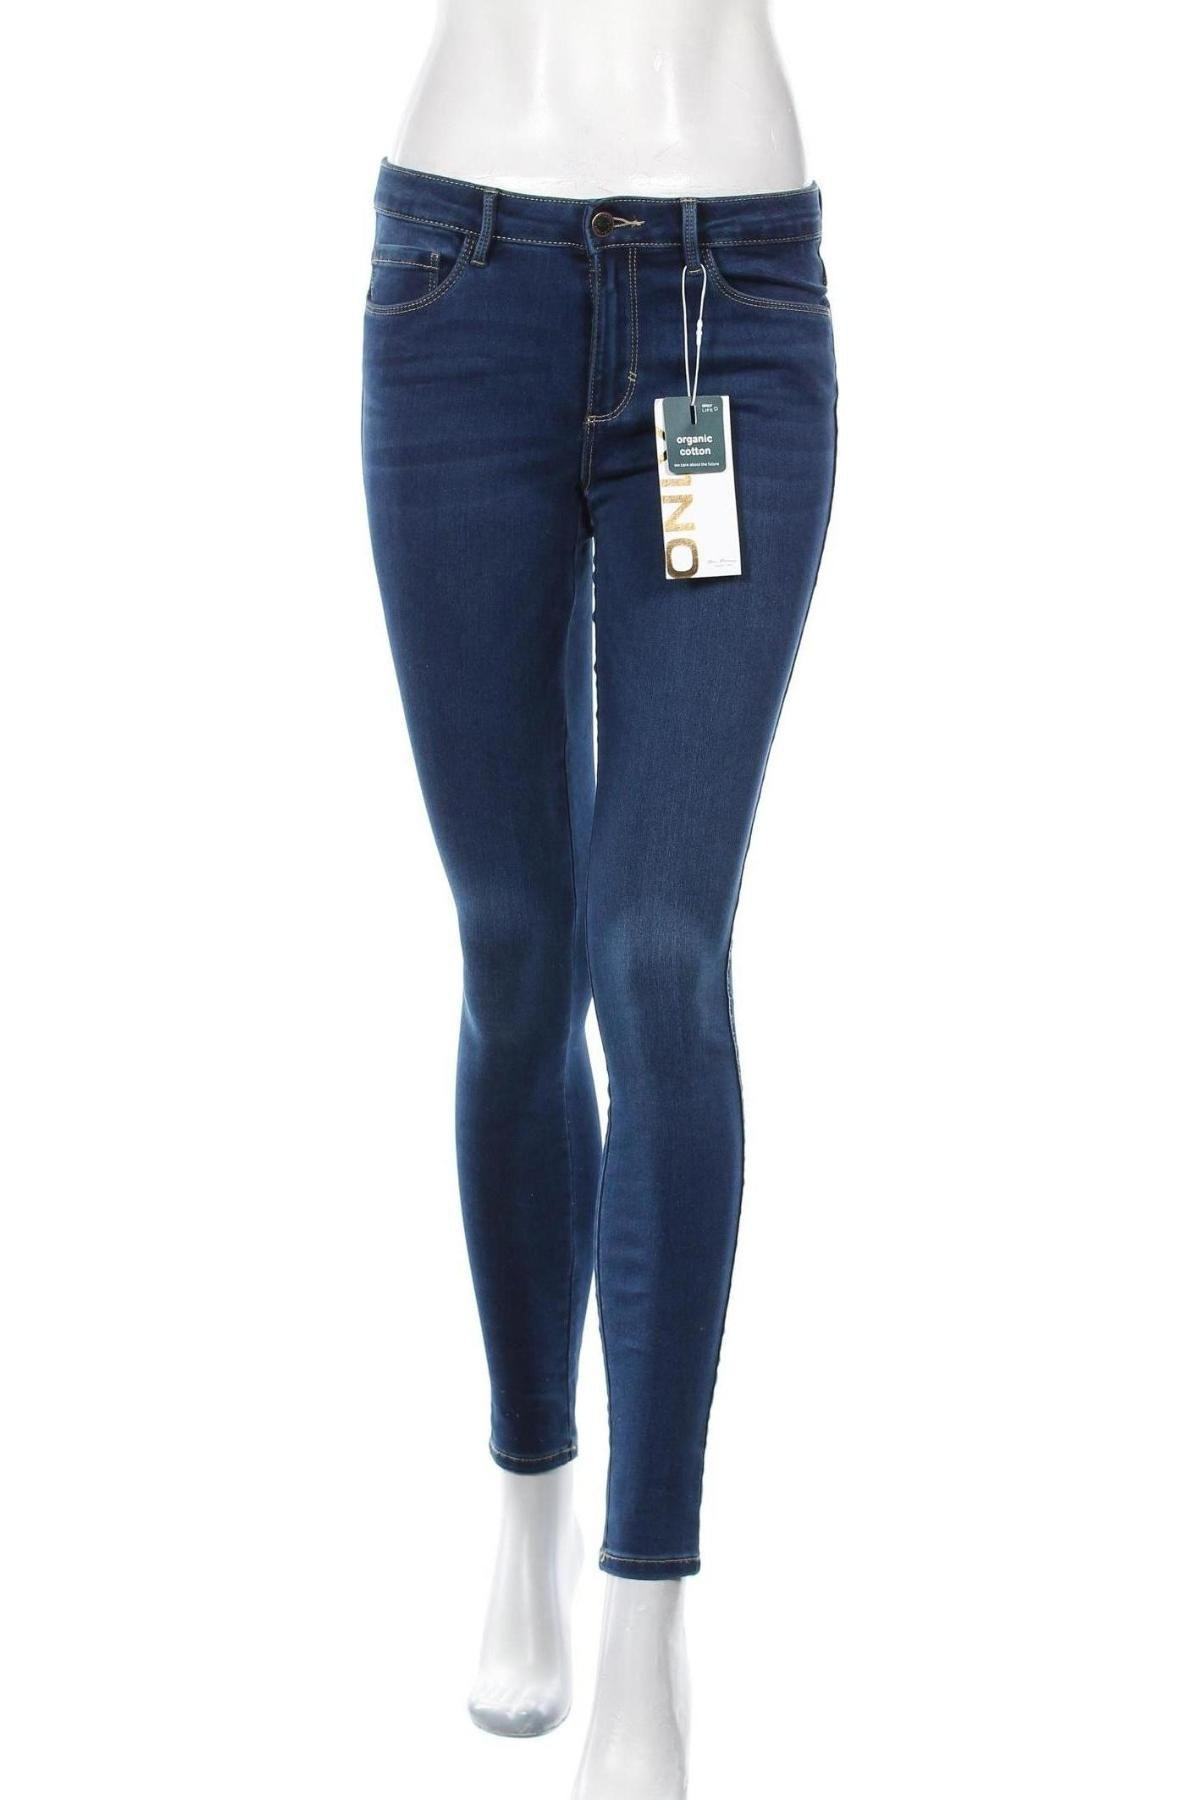 Дамски дънки ONLY, Размер M, Цвят Син, 69% памук, 29% полиестер, 2% еластан, Цена 40,50лв.